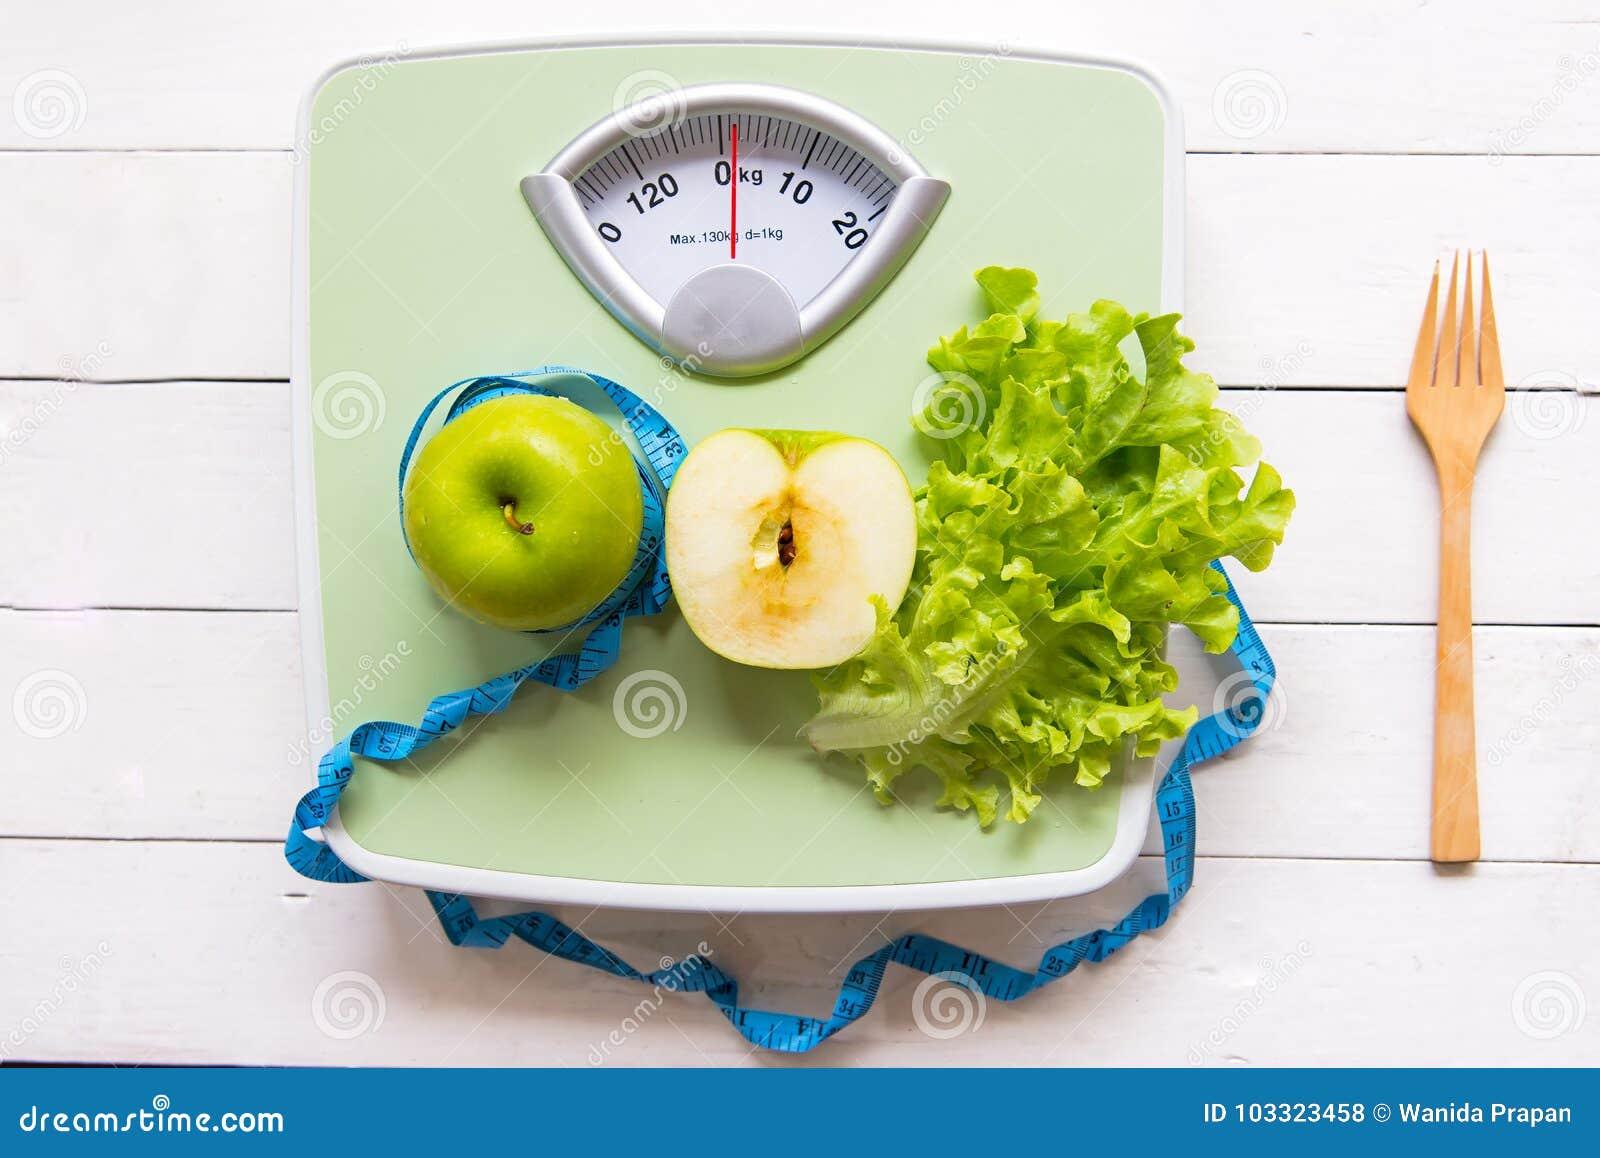 Zielony jabłko, świeży warzywo z ciężar skala i pomiarowa taśma dla zdrowej diety odchudzania,